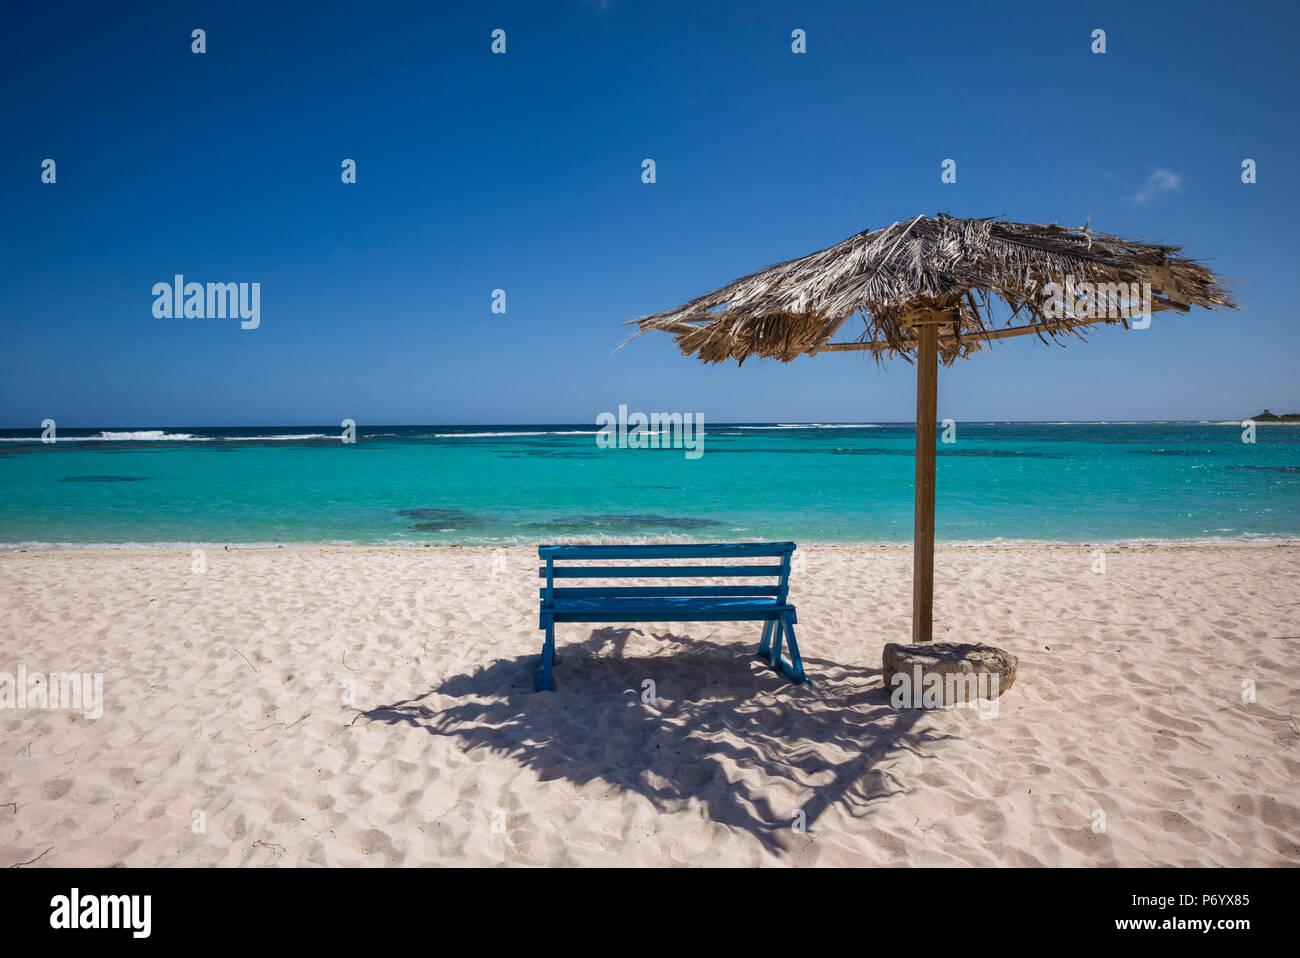 Isole Vergini Britanniche, Anegada, Loblolly Bay Beach, spiaggia vista Immagini Stock